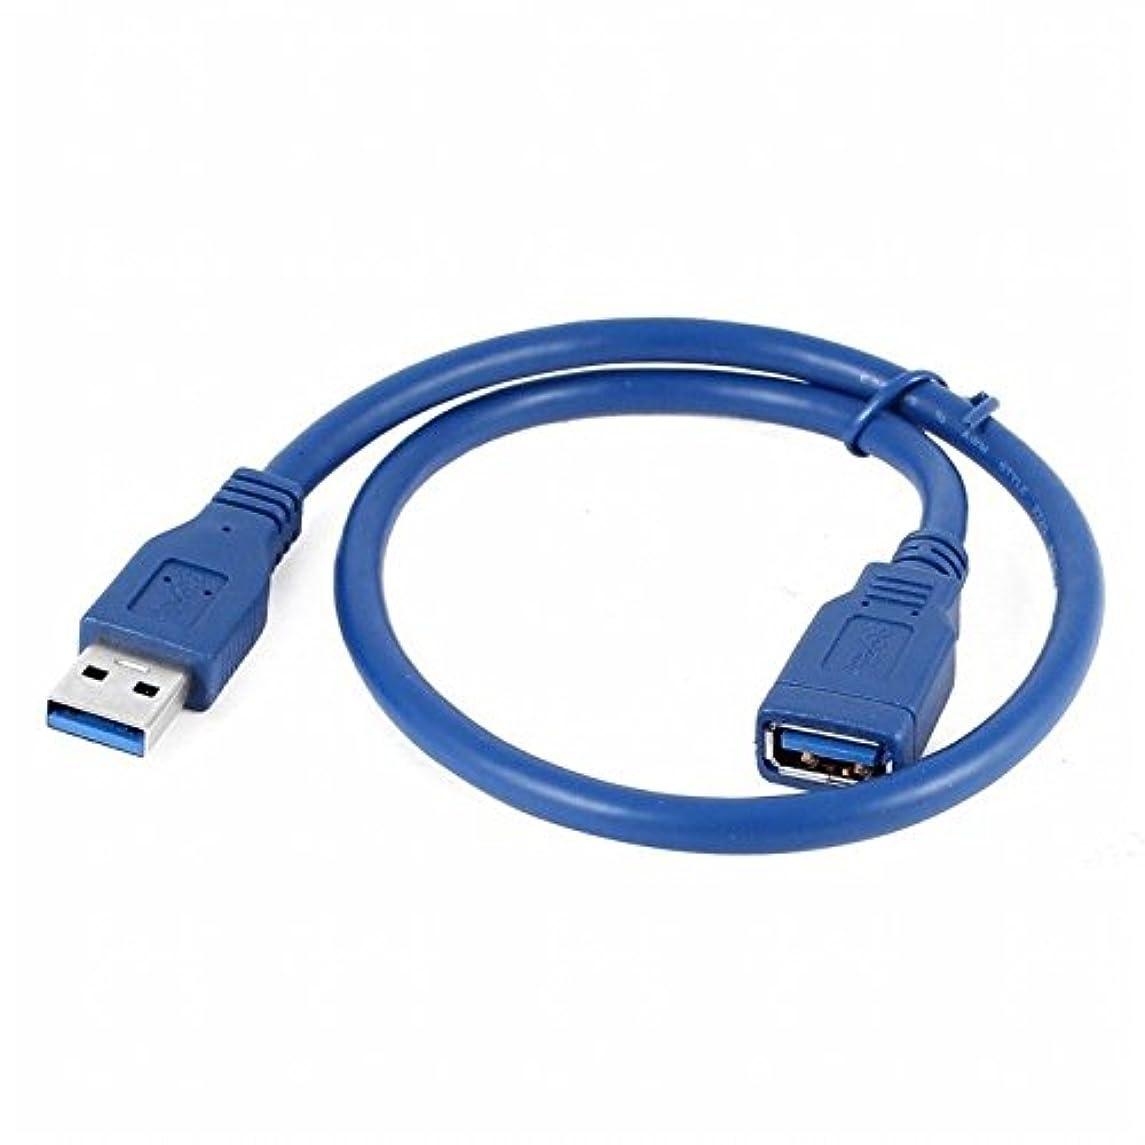 FidgetGear 50cm 3.0 A Male to Female Extension Data Sync Transfer Cable Da KL